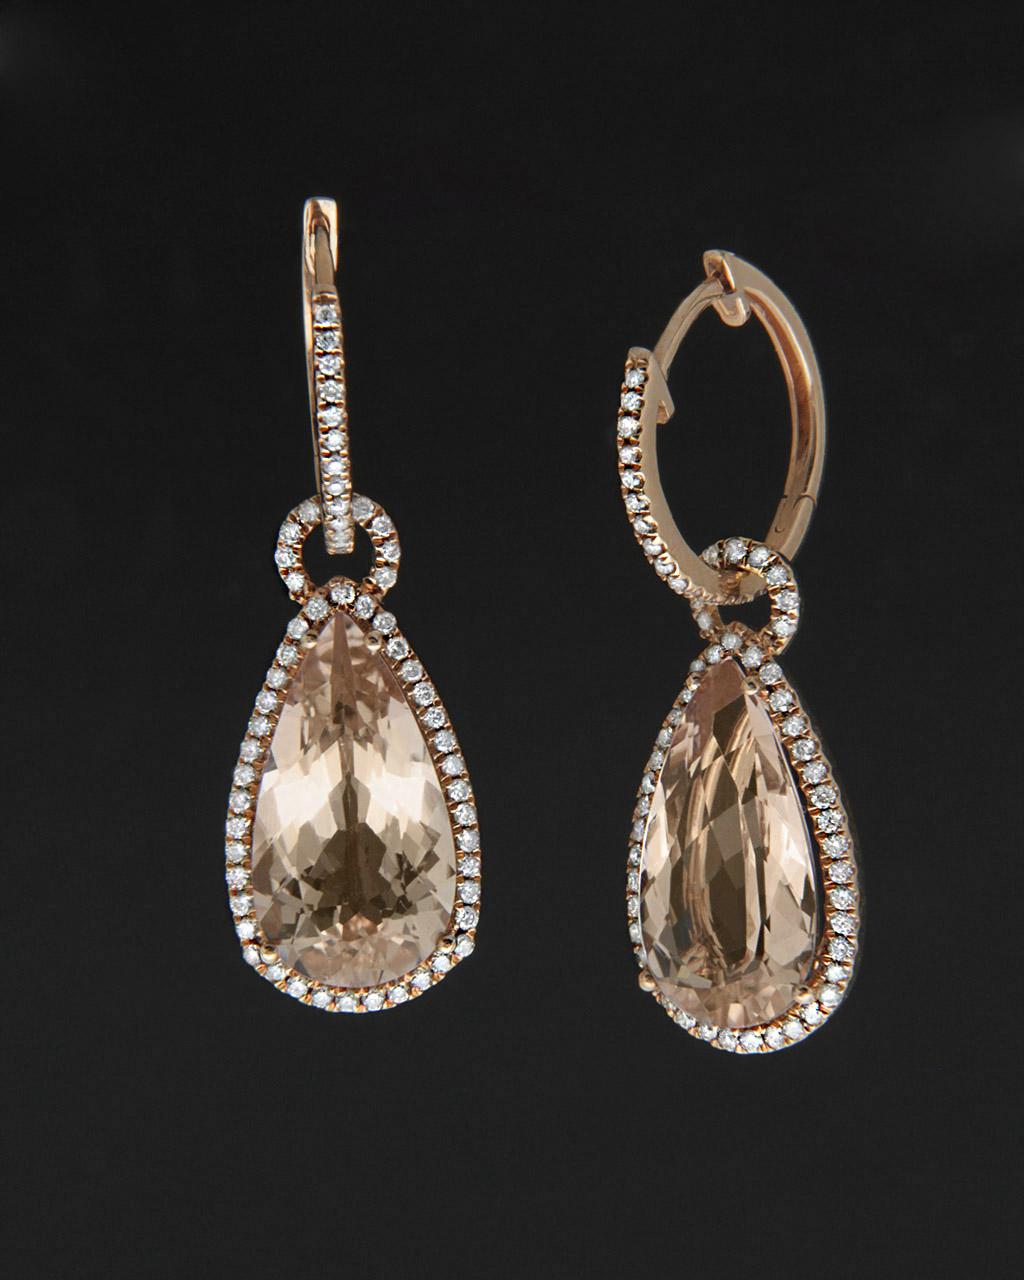 Σκουλαρίκια ροζ χρυσά Κ18 με Διαμάντια & Μοργκανίτη   ζησε το μυθο νυφικό κόσμημα